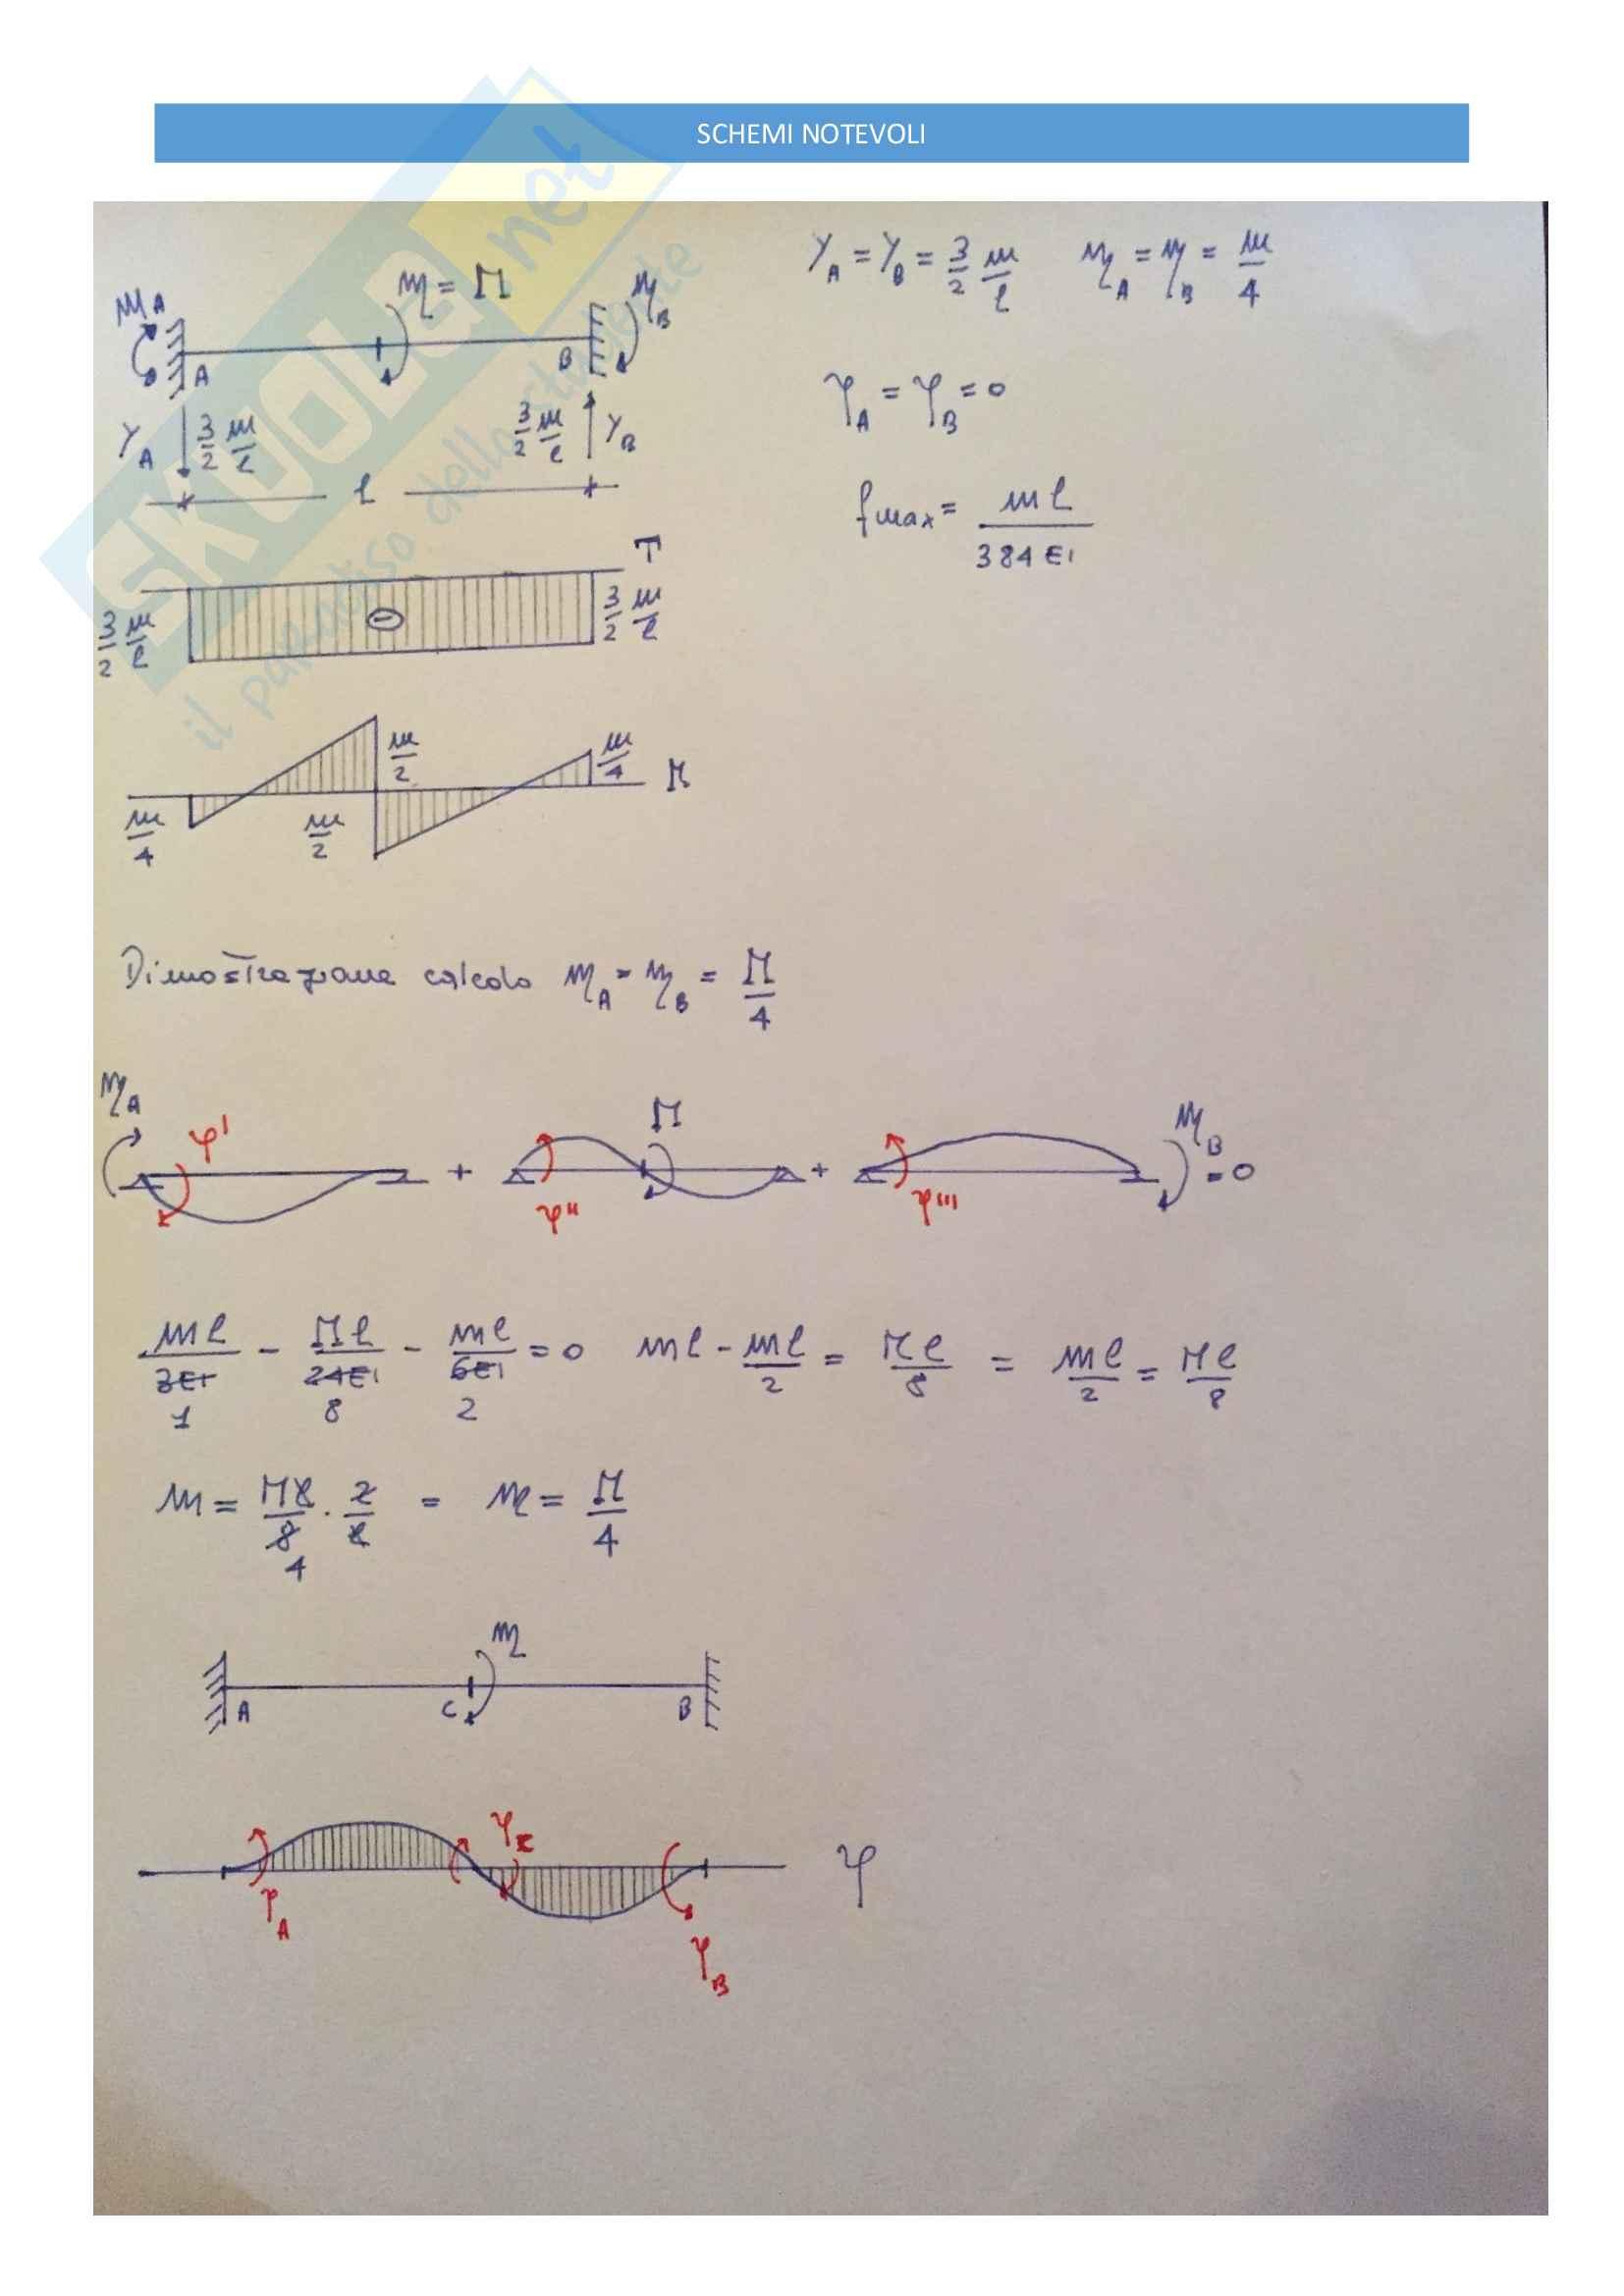 Schemi Notevoli Svolti - Strutture Isostatiche ed Iperstatiche - Pag. 11